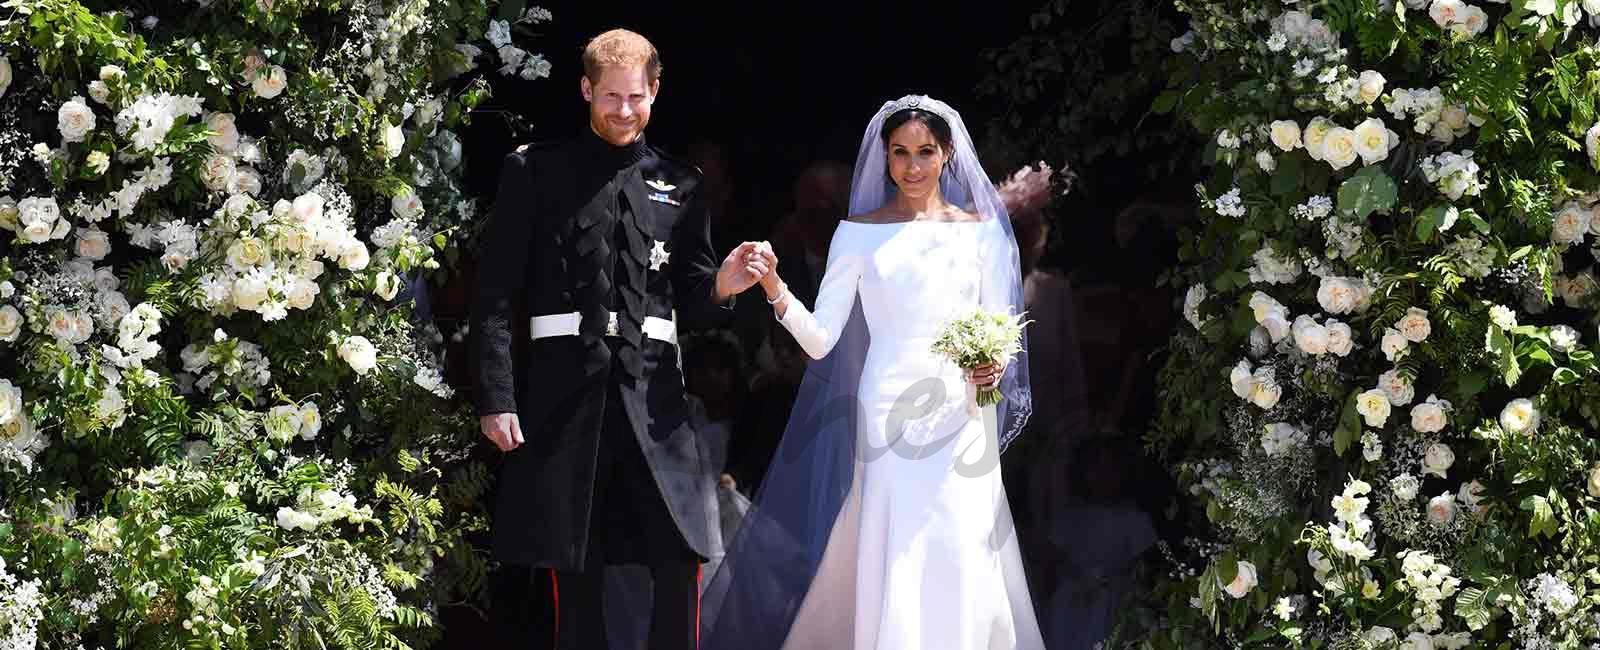 Meghan Markle y el príncipe Harry ya son marido y mujer